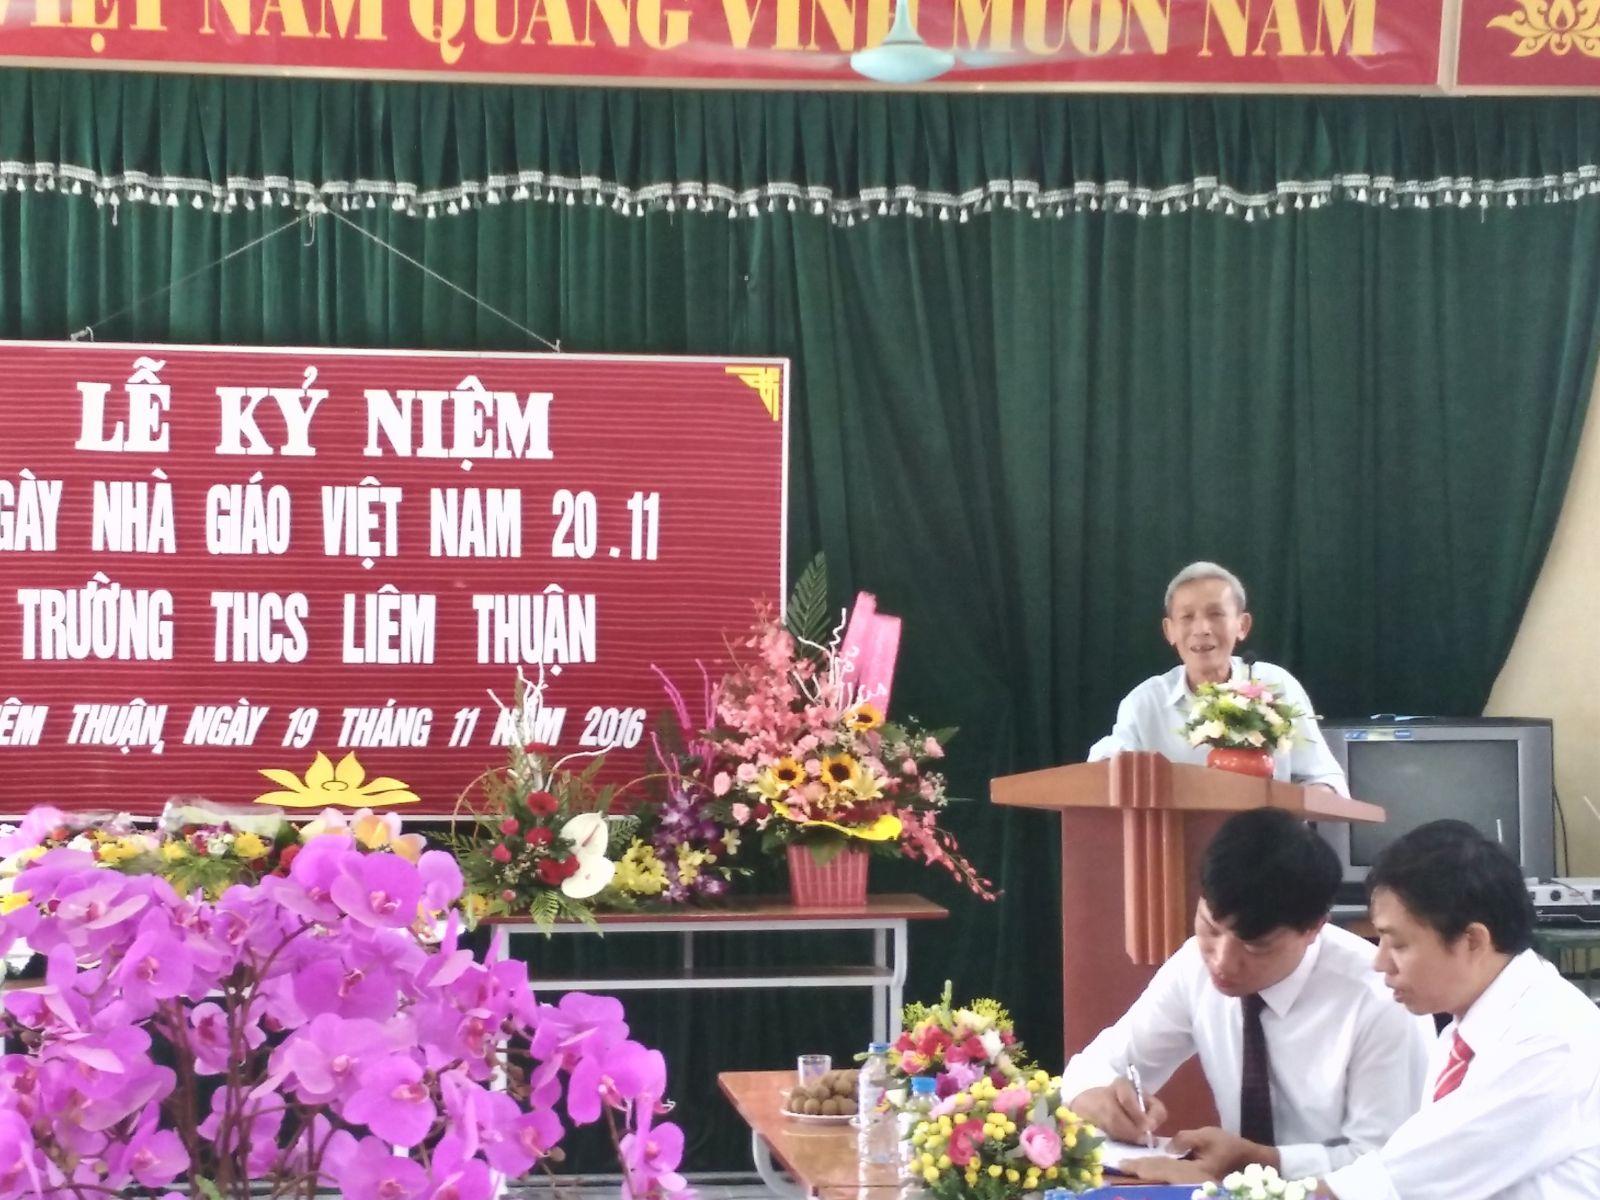 Thầy Hoàng Bá Vọng- Nguyên Hiệu trưởng nhà trường phát biểu trong buổi lễ